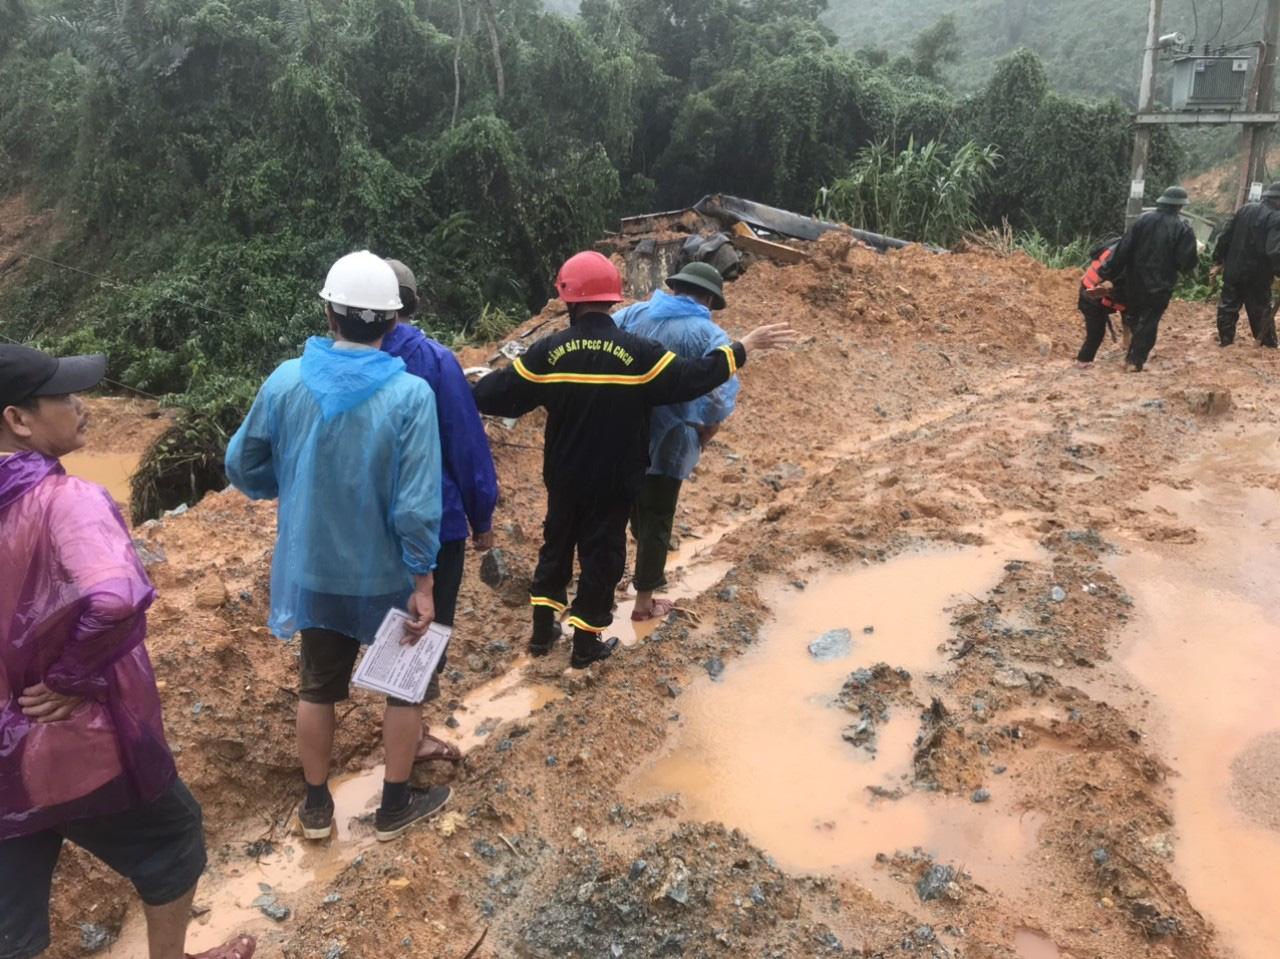 Lấy mẫu ADN người thân để xác định danh tính 17 nạn nhân trong vụ sạt lở núi ở Rào Trăng 3 - Ảnh 2.